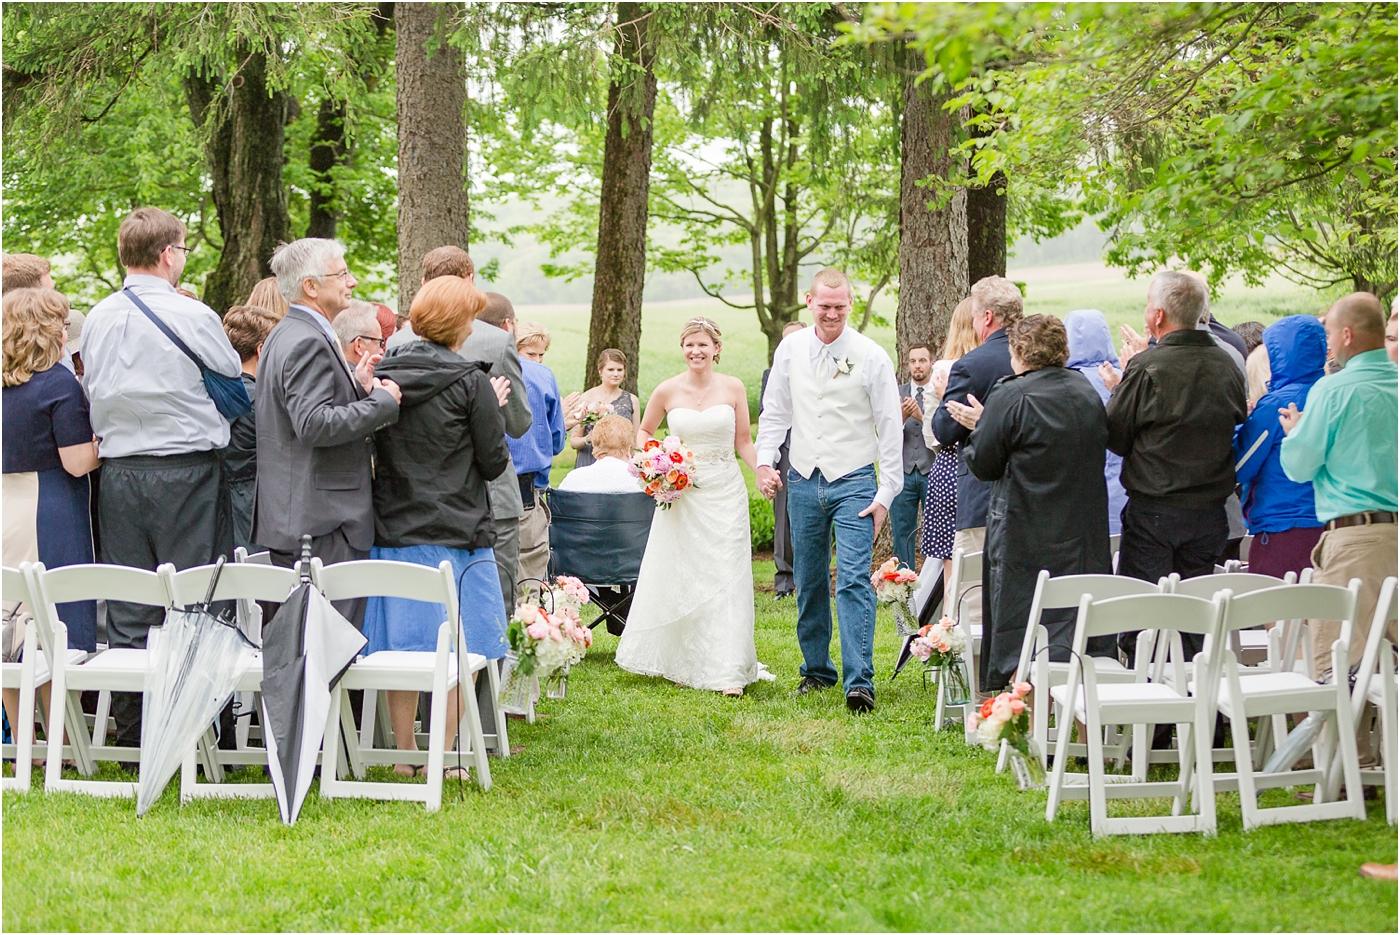 Royer-House-Wedding-Photos-49.jpg